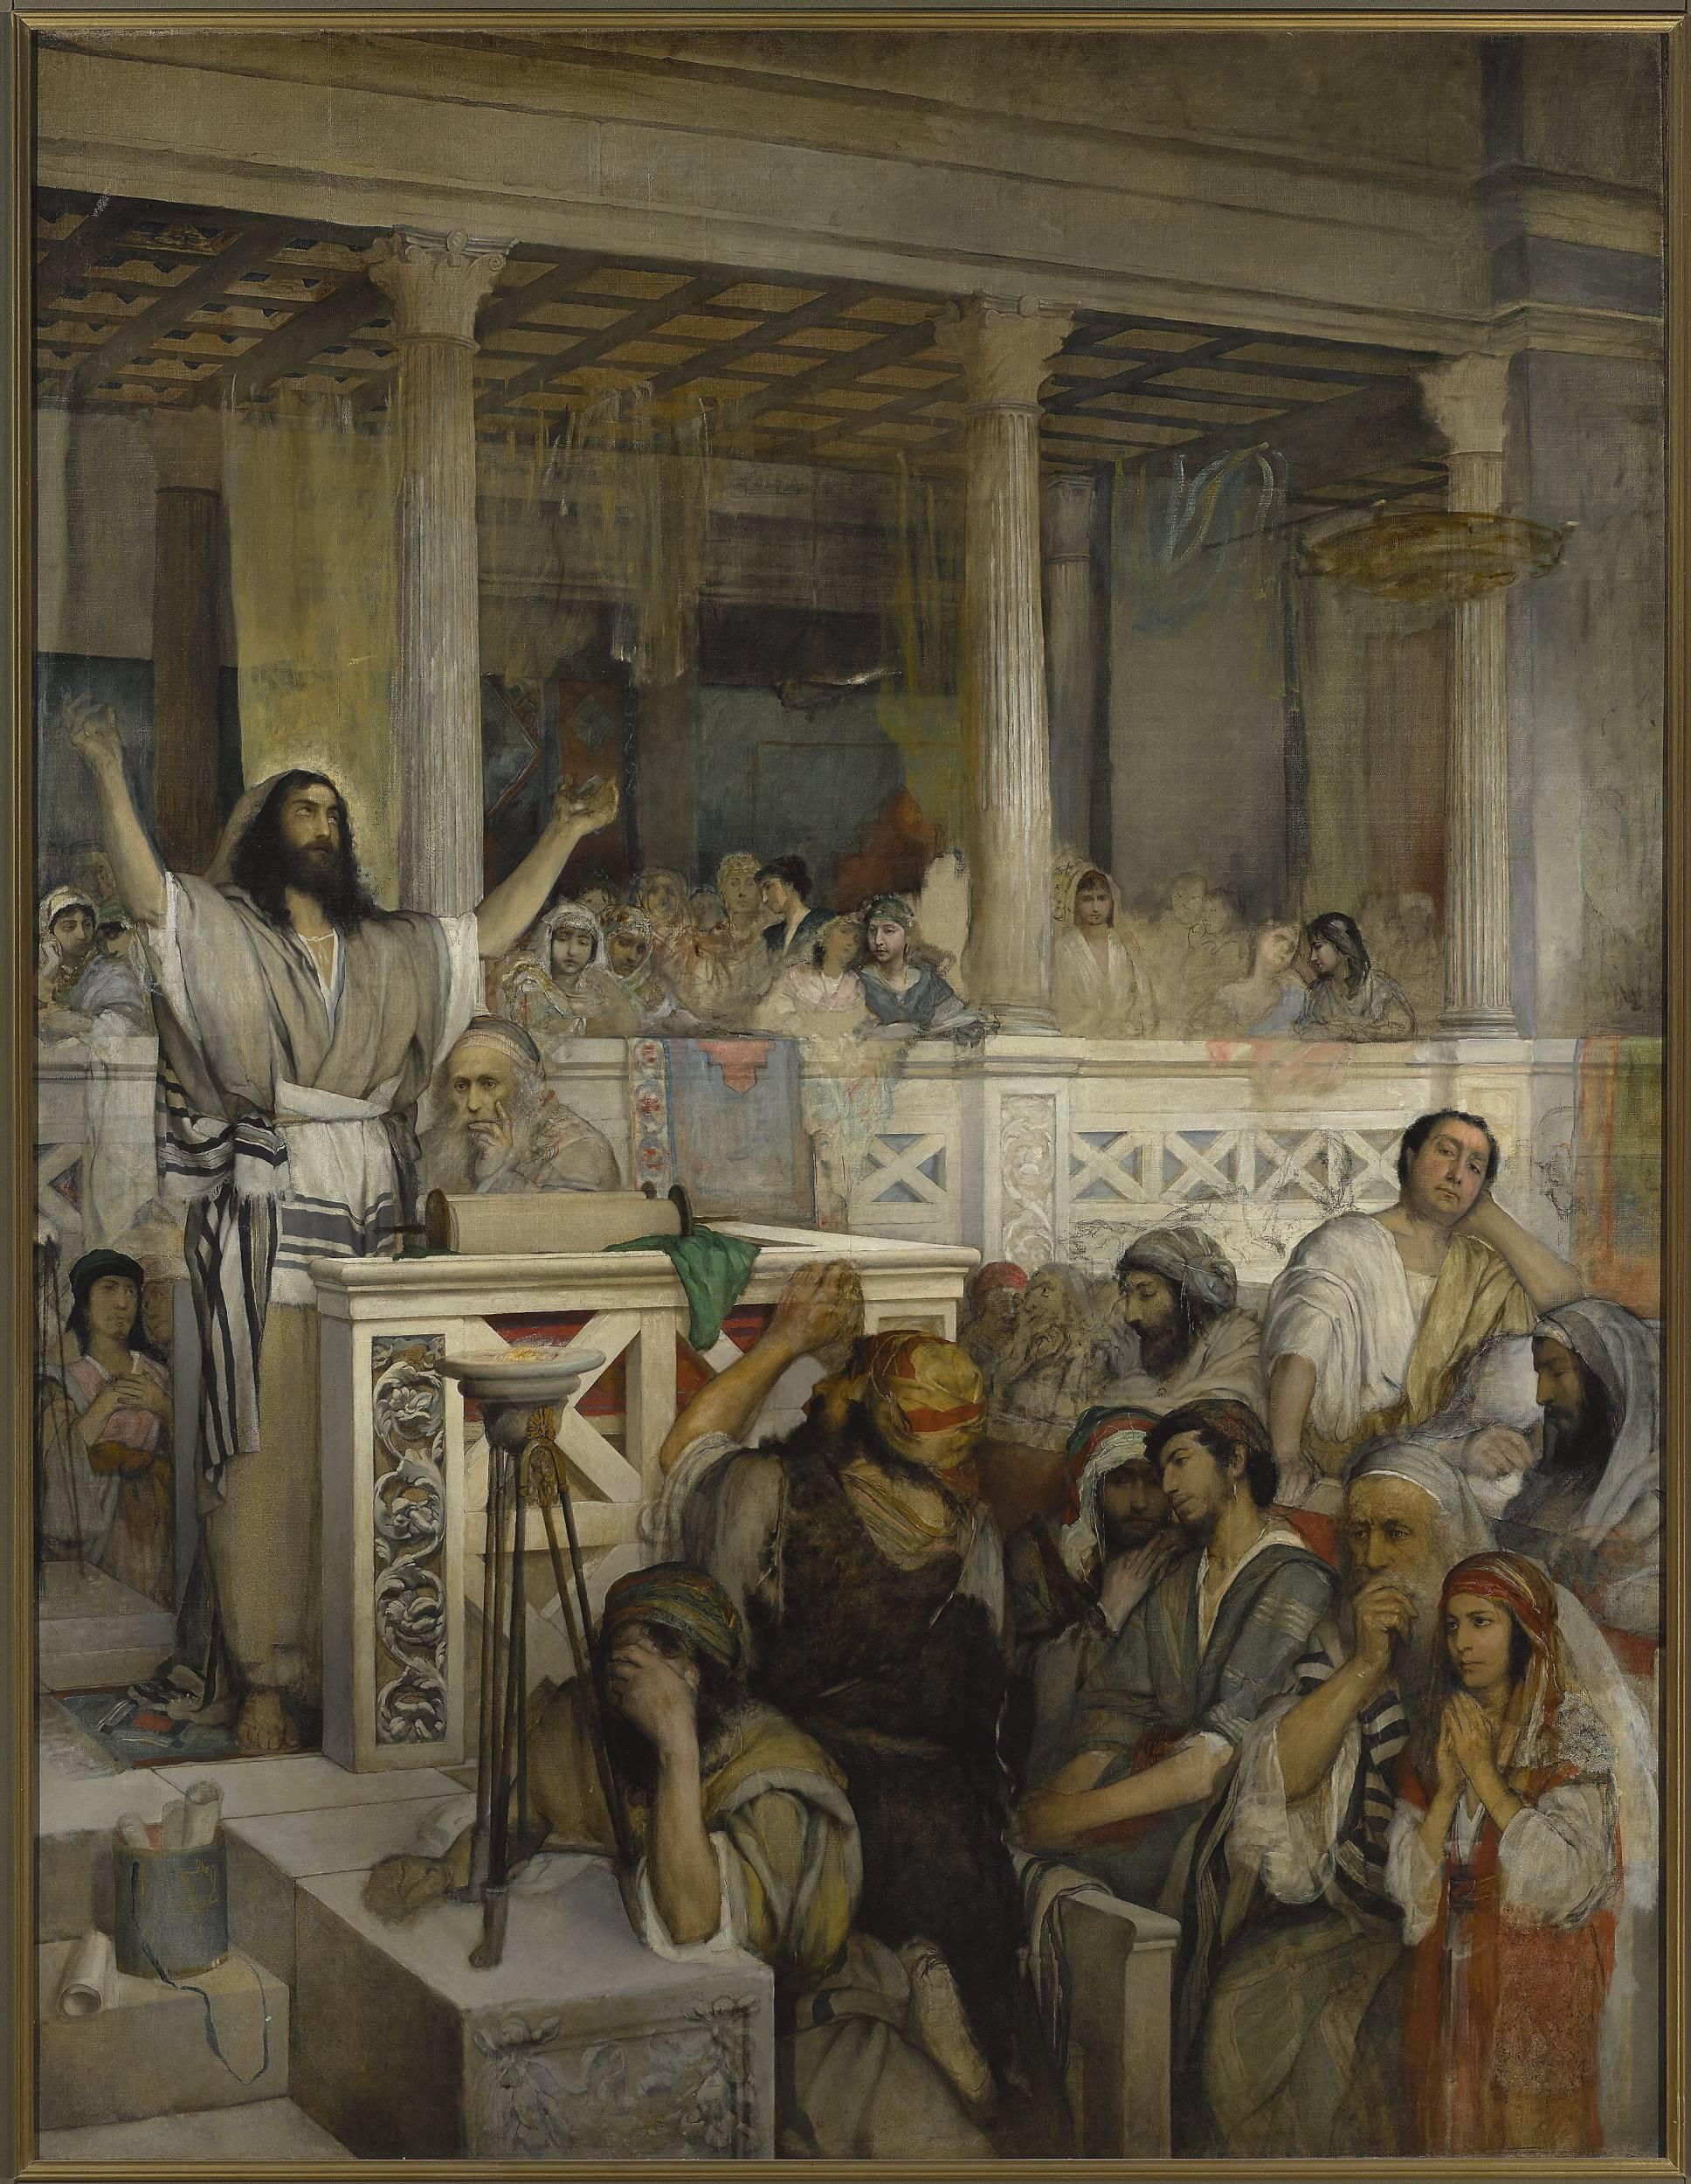 'Christ preaching' by Maurycy Gottlieb